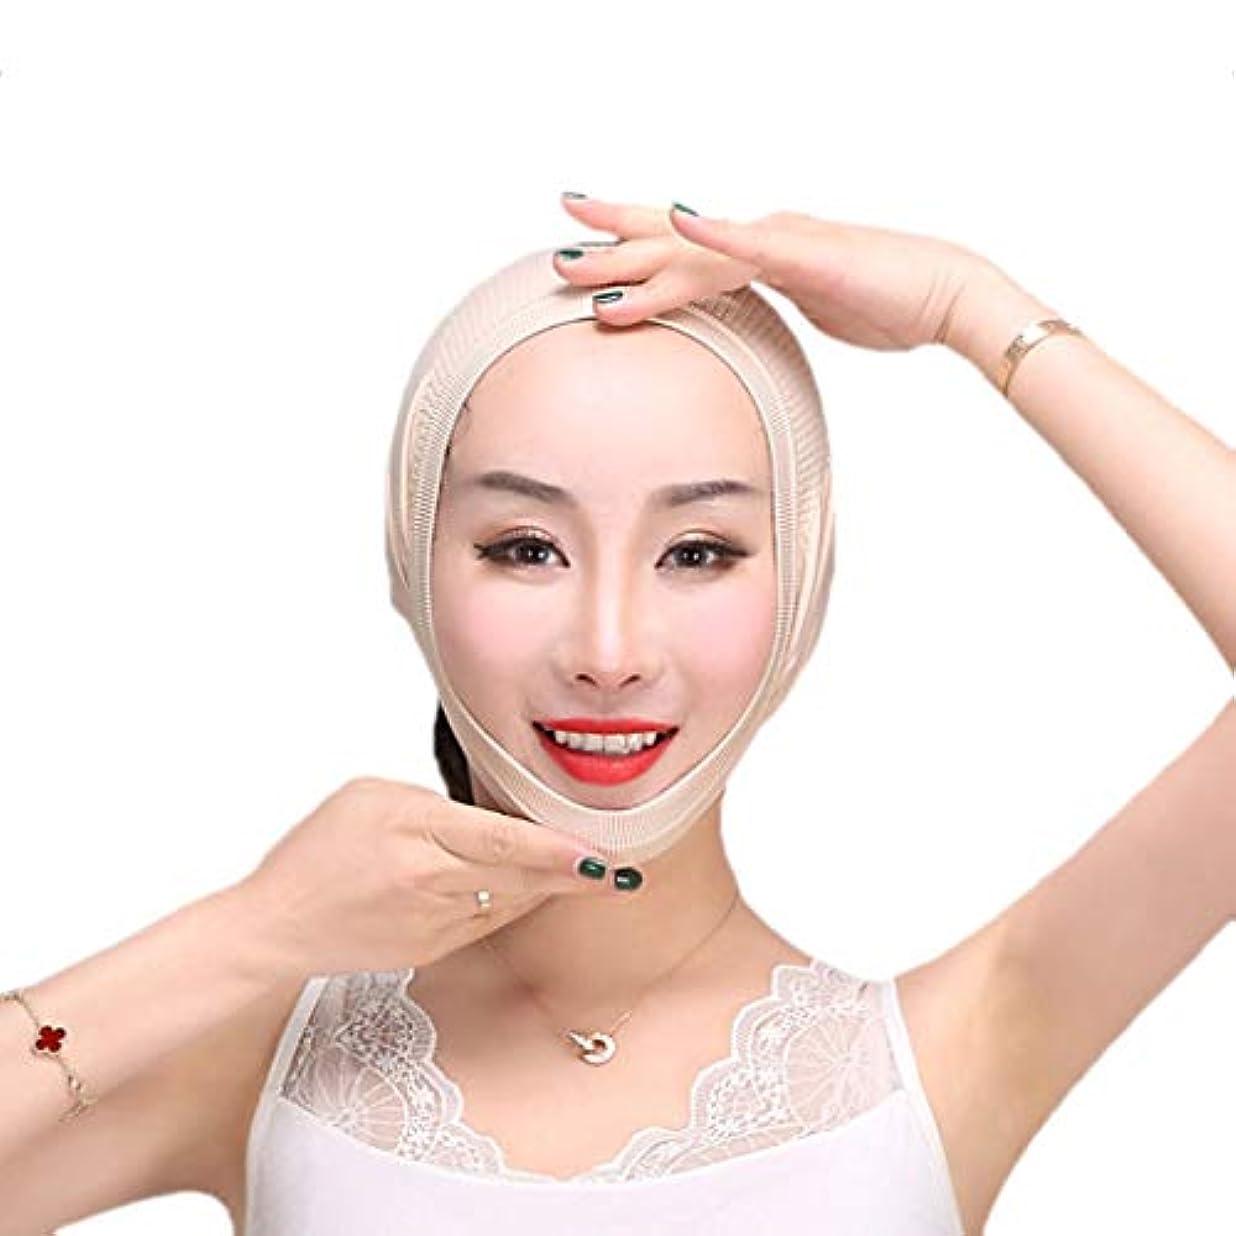 路地共産主義者アーチXHLMRMJ フェイスリフトマスク、フェイススリミングマスク、チンストラップ、フェイスマッサージ、フェイシャル減量マスク、チンリフティングベルト(ワンサイズ)